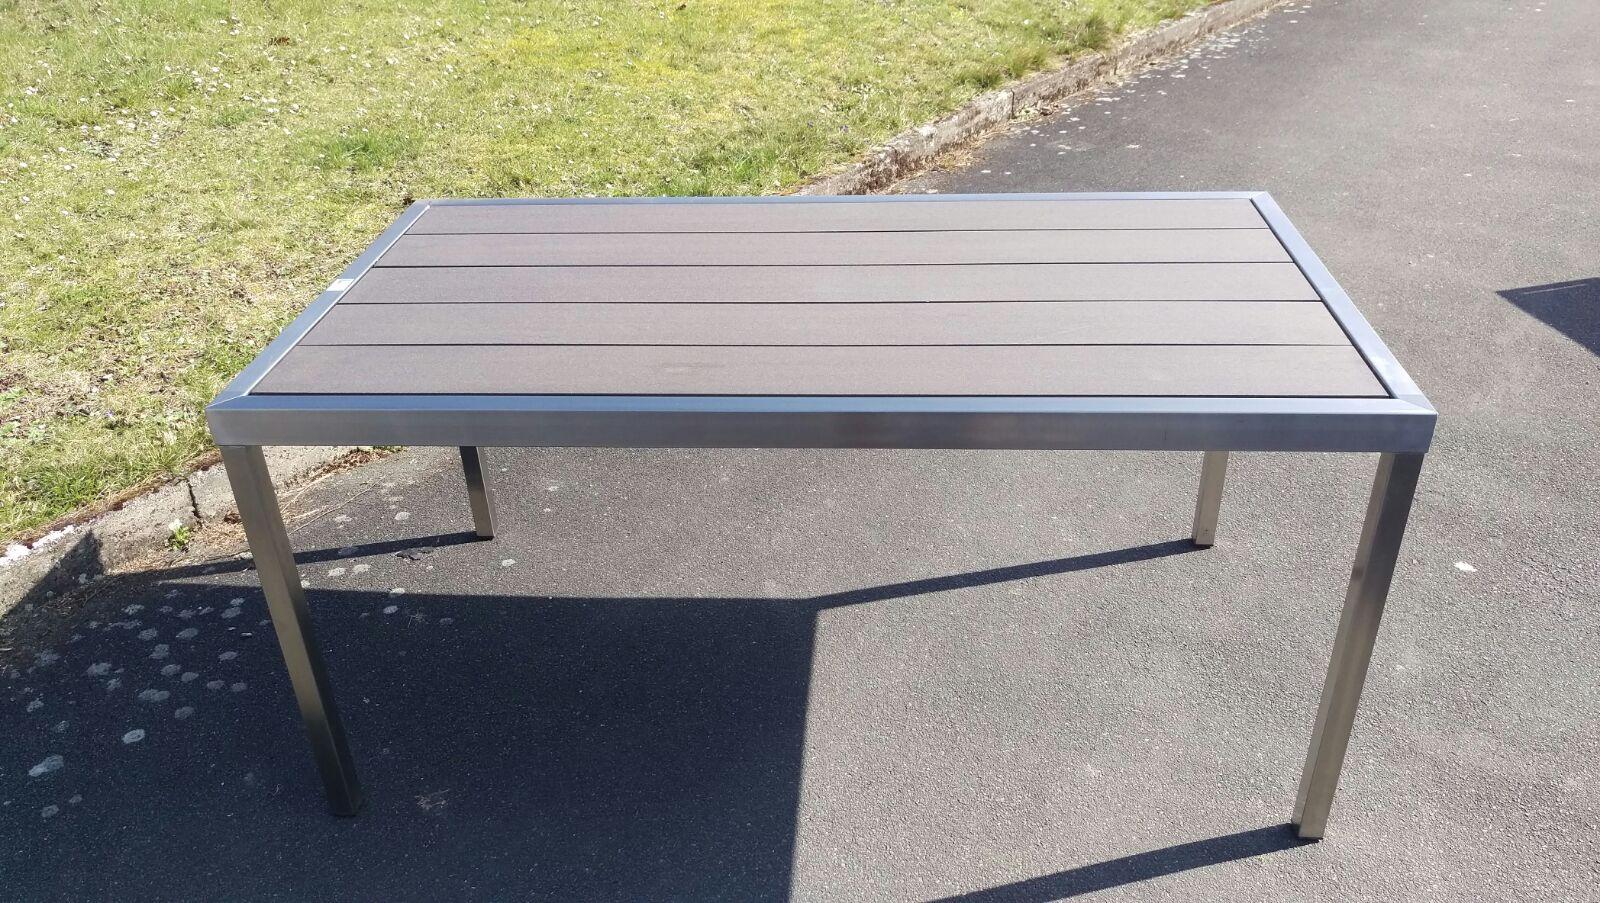 Tisch edelstahltisch gartentisch wpc tisch modernes design for Design tisch edelstahl